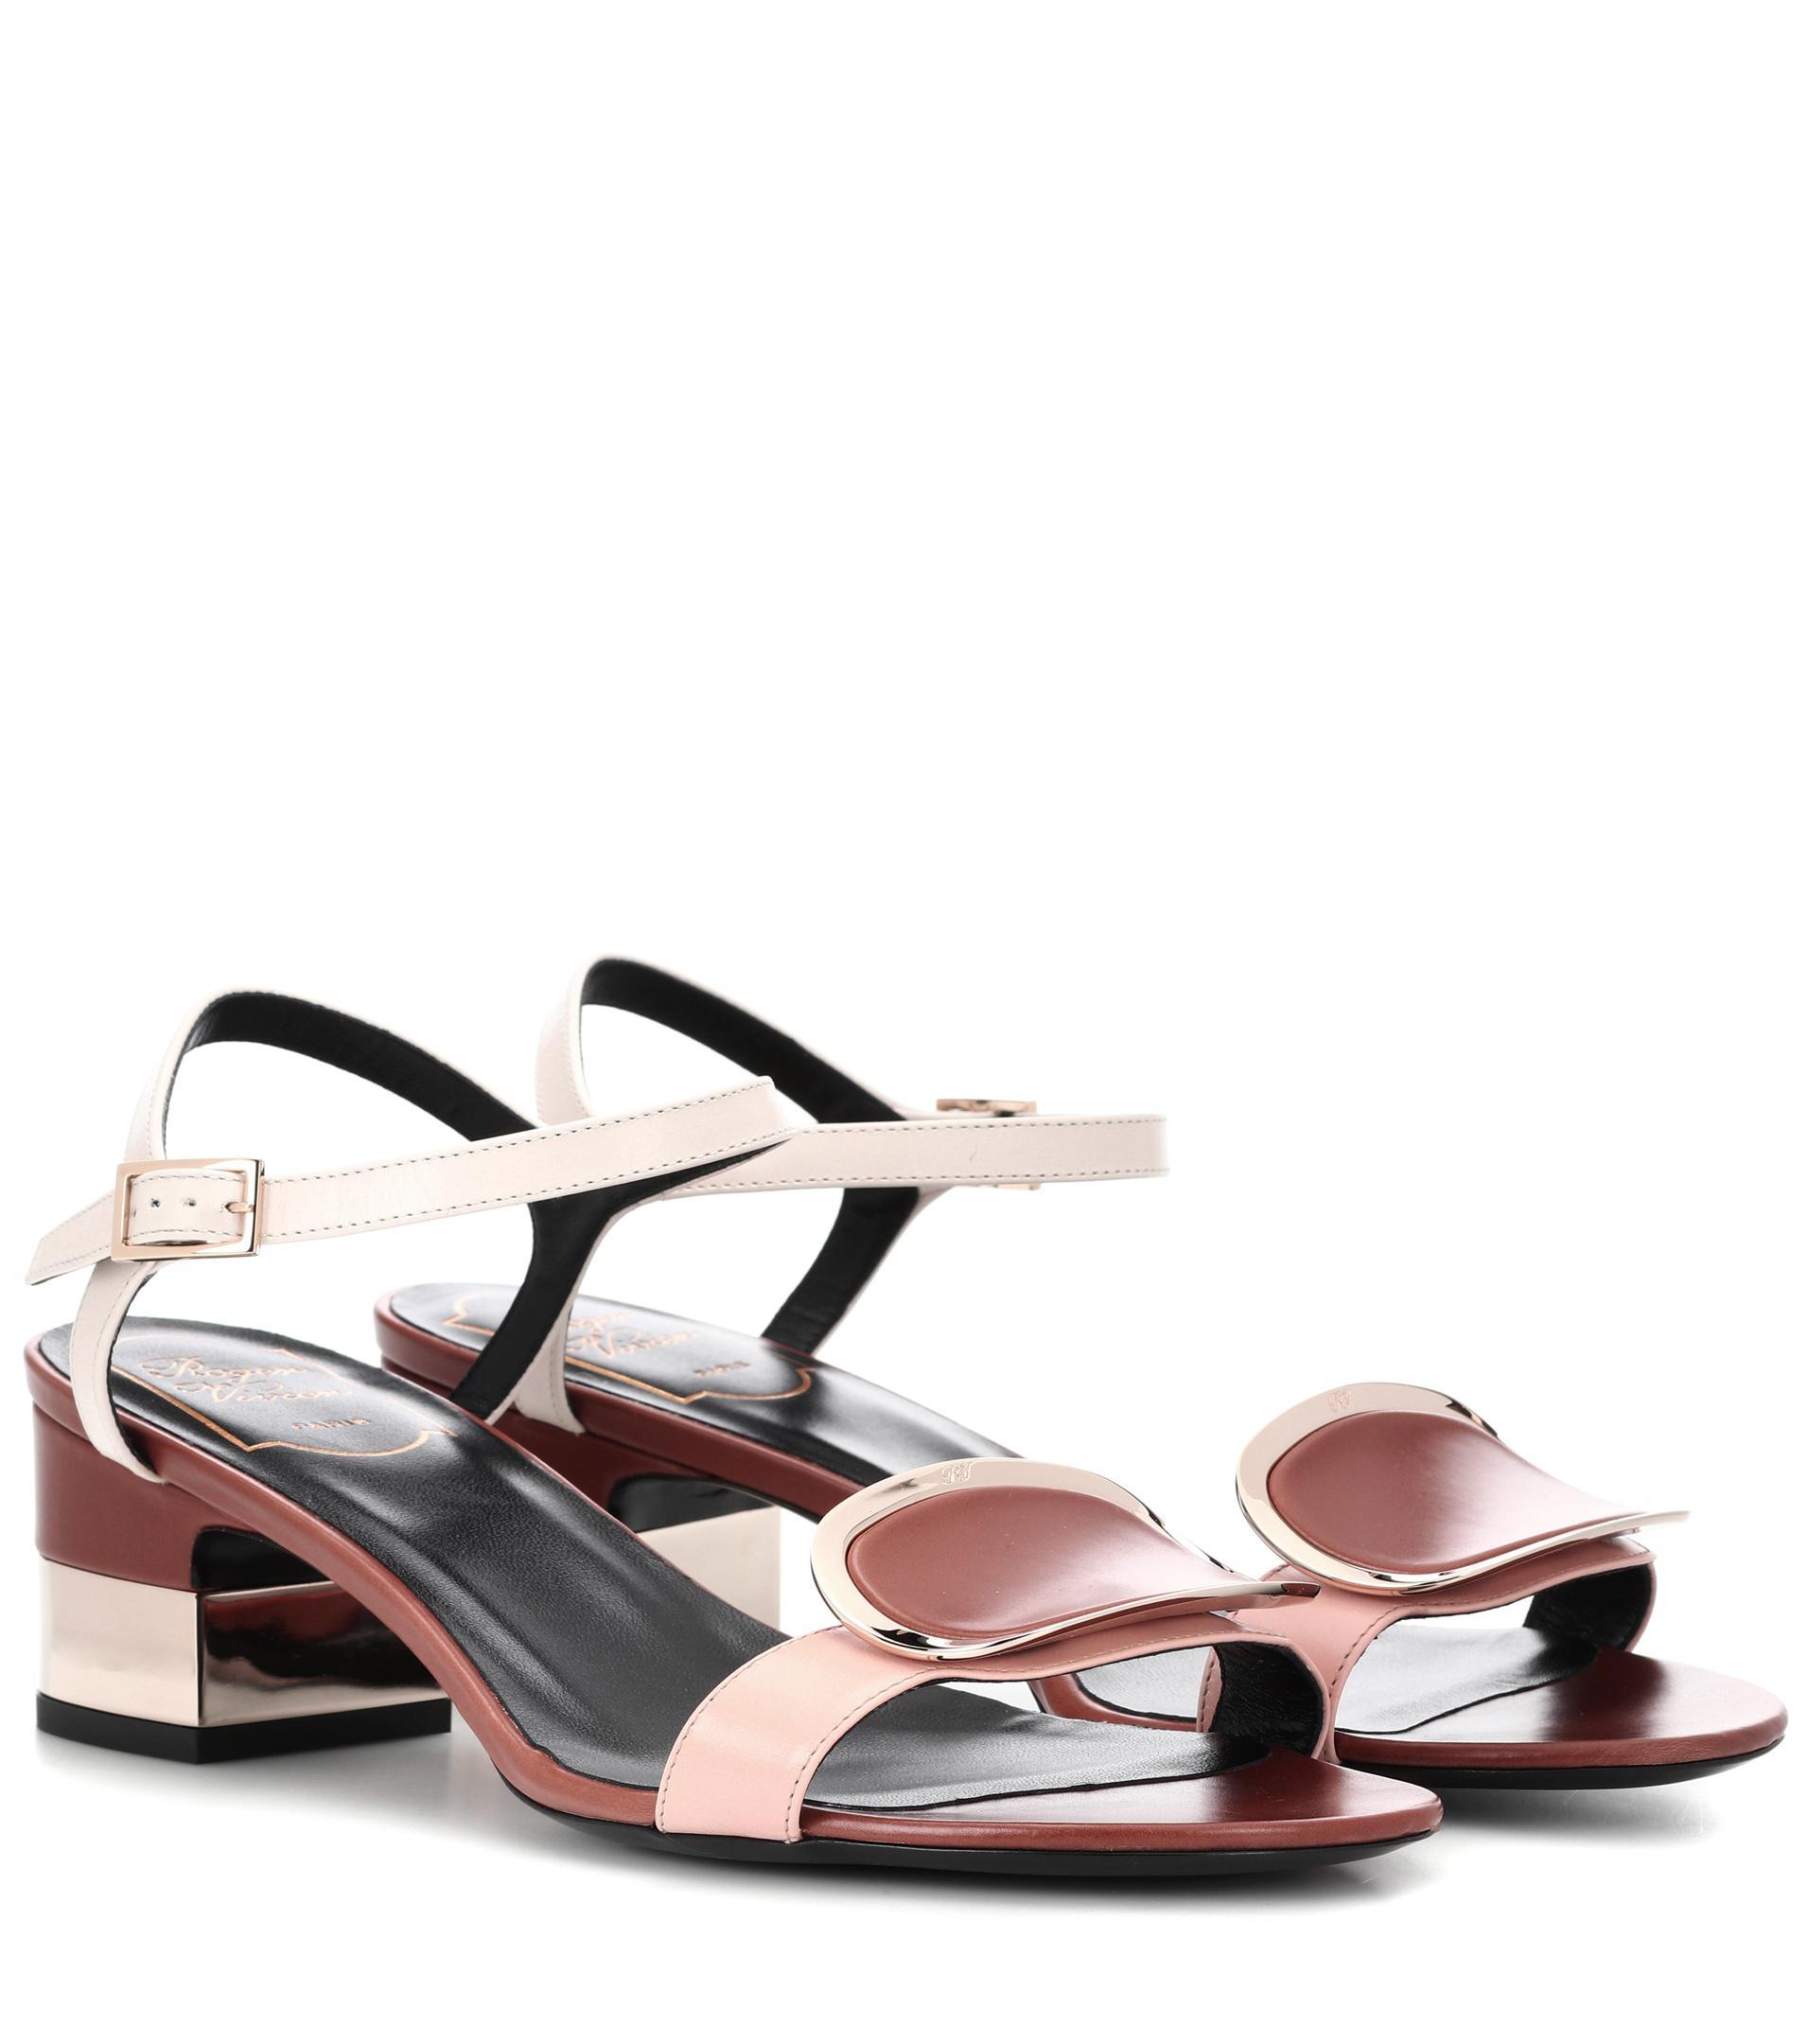 Chips West Buckle leather sandals Roger Vivier PIXiT6JXI